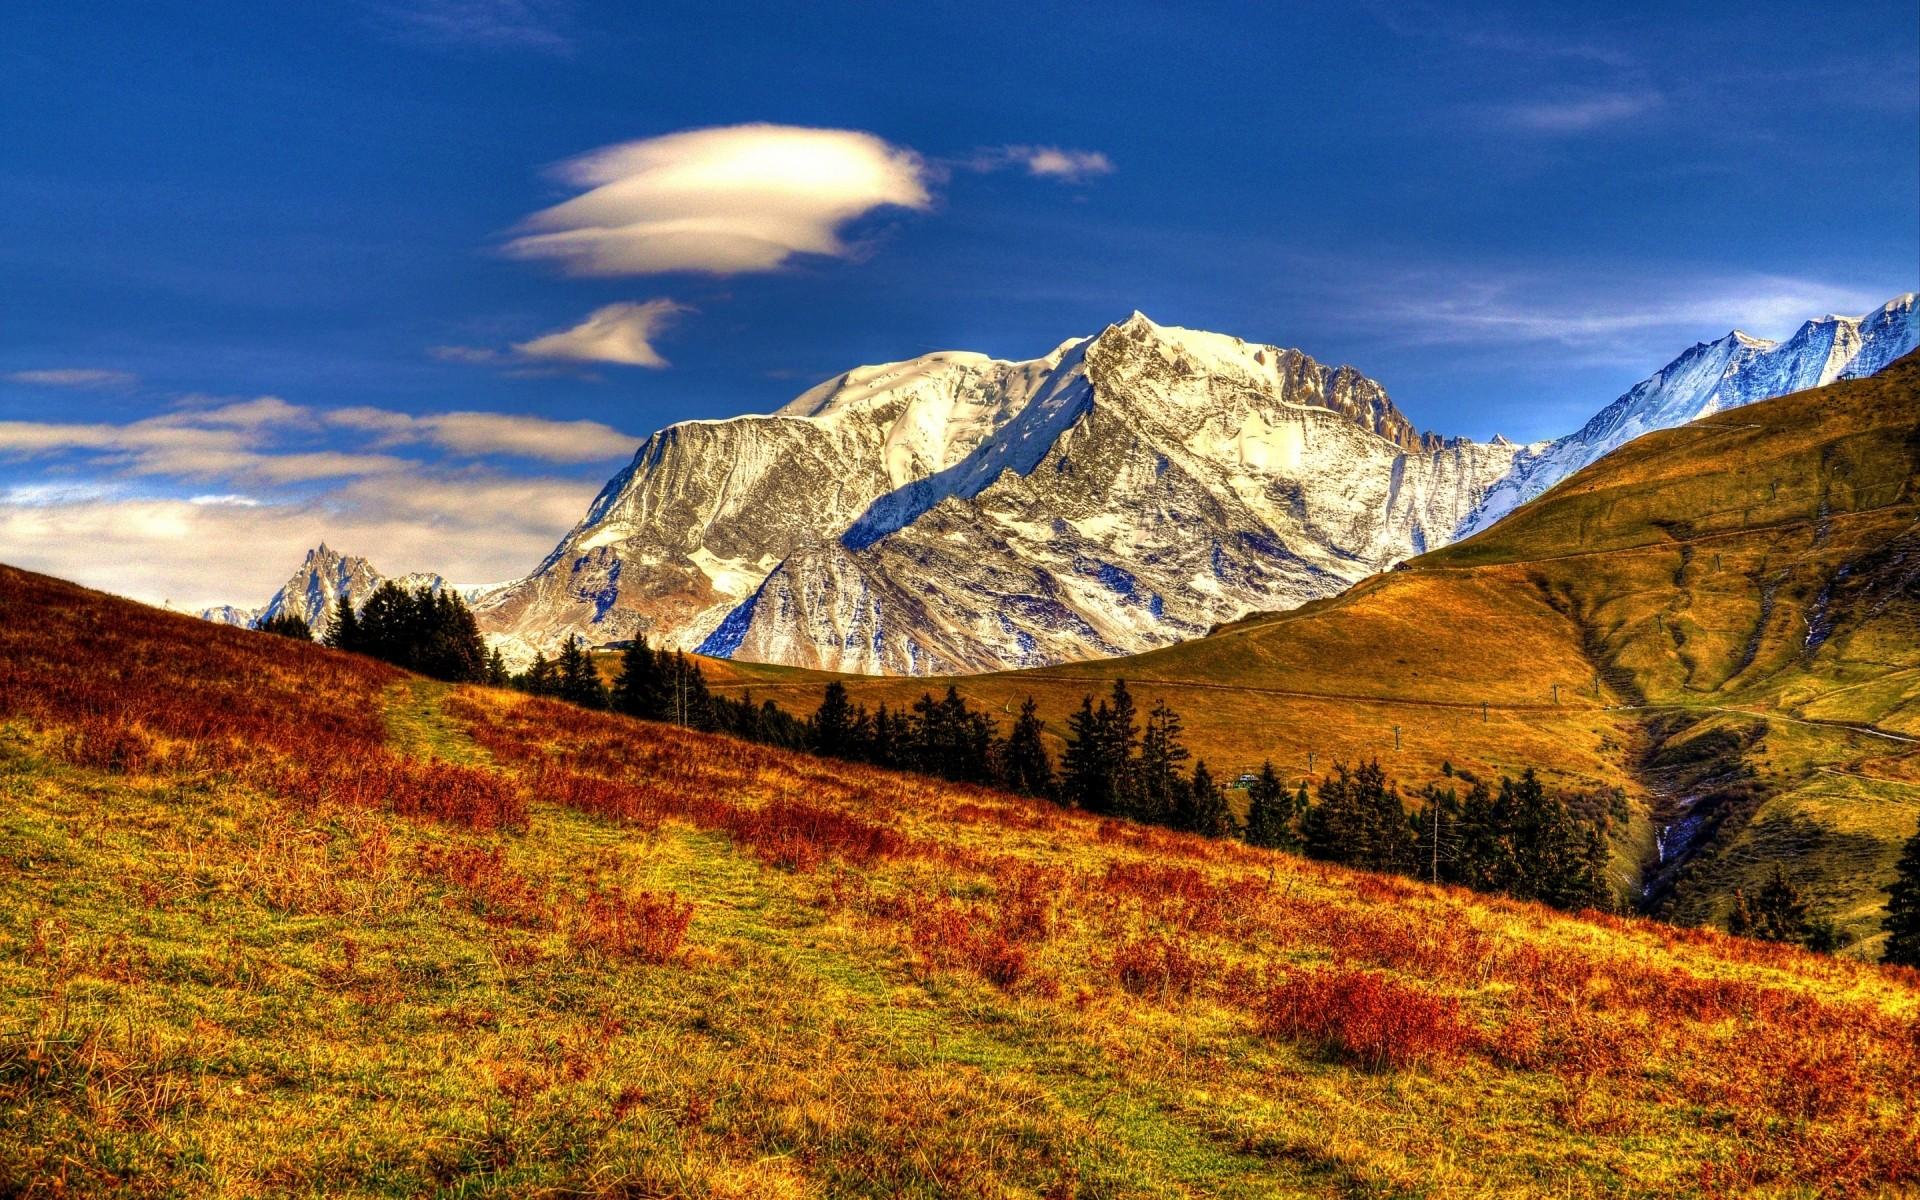 фотодизайна картинки горный пейзаж время